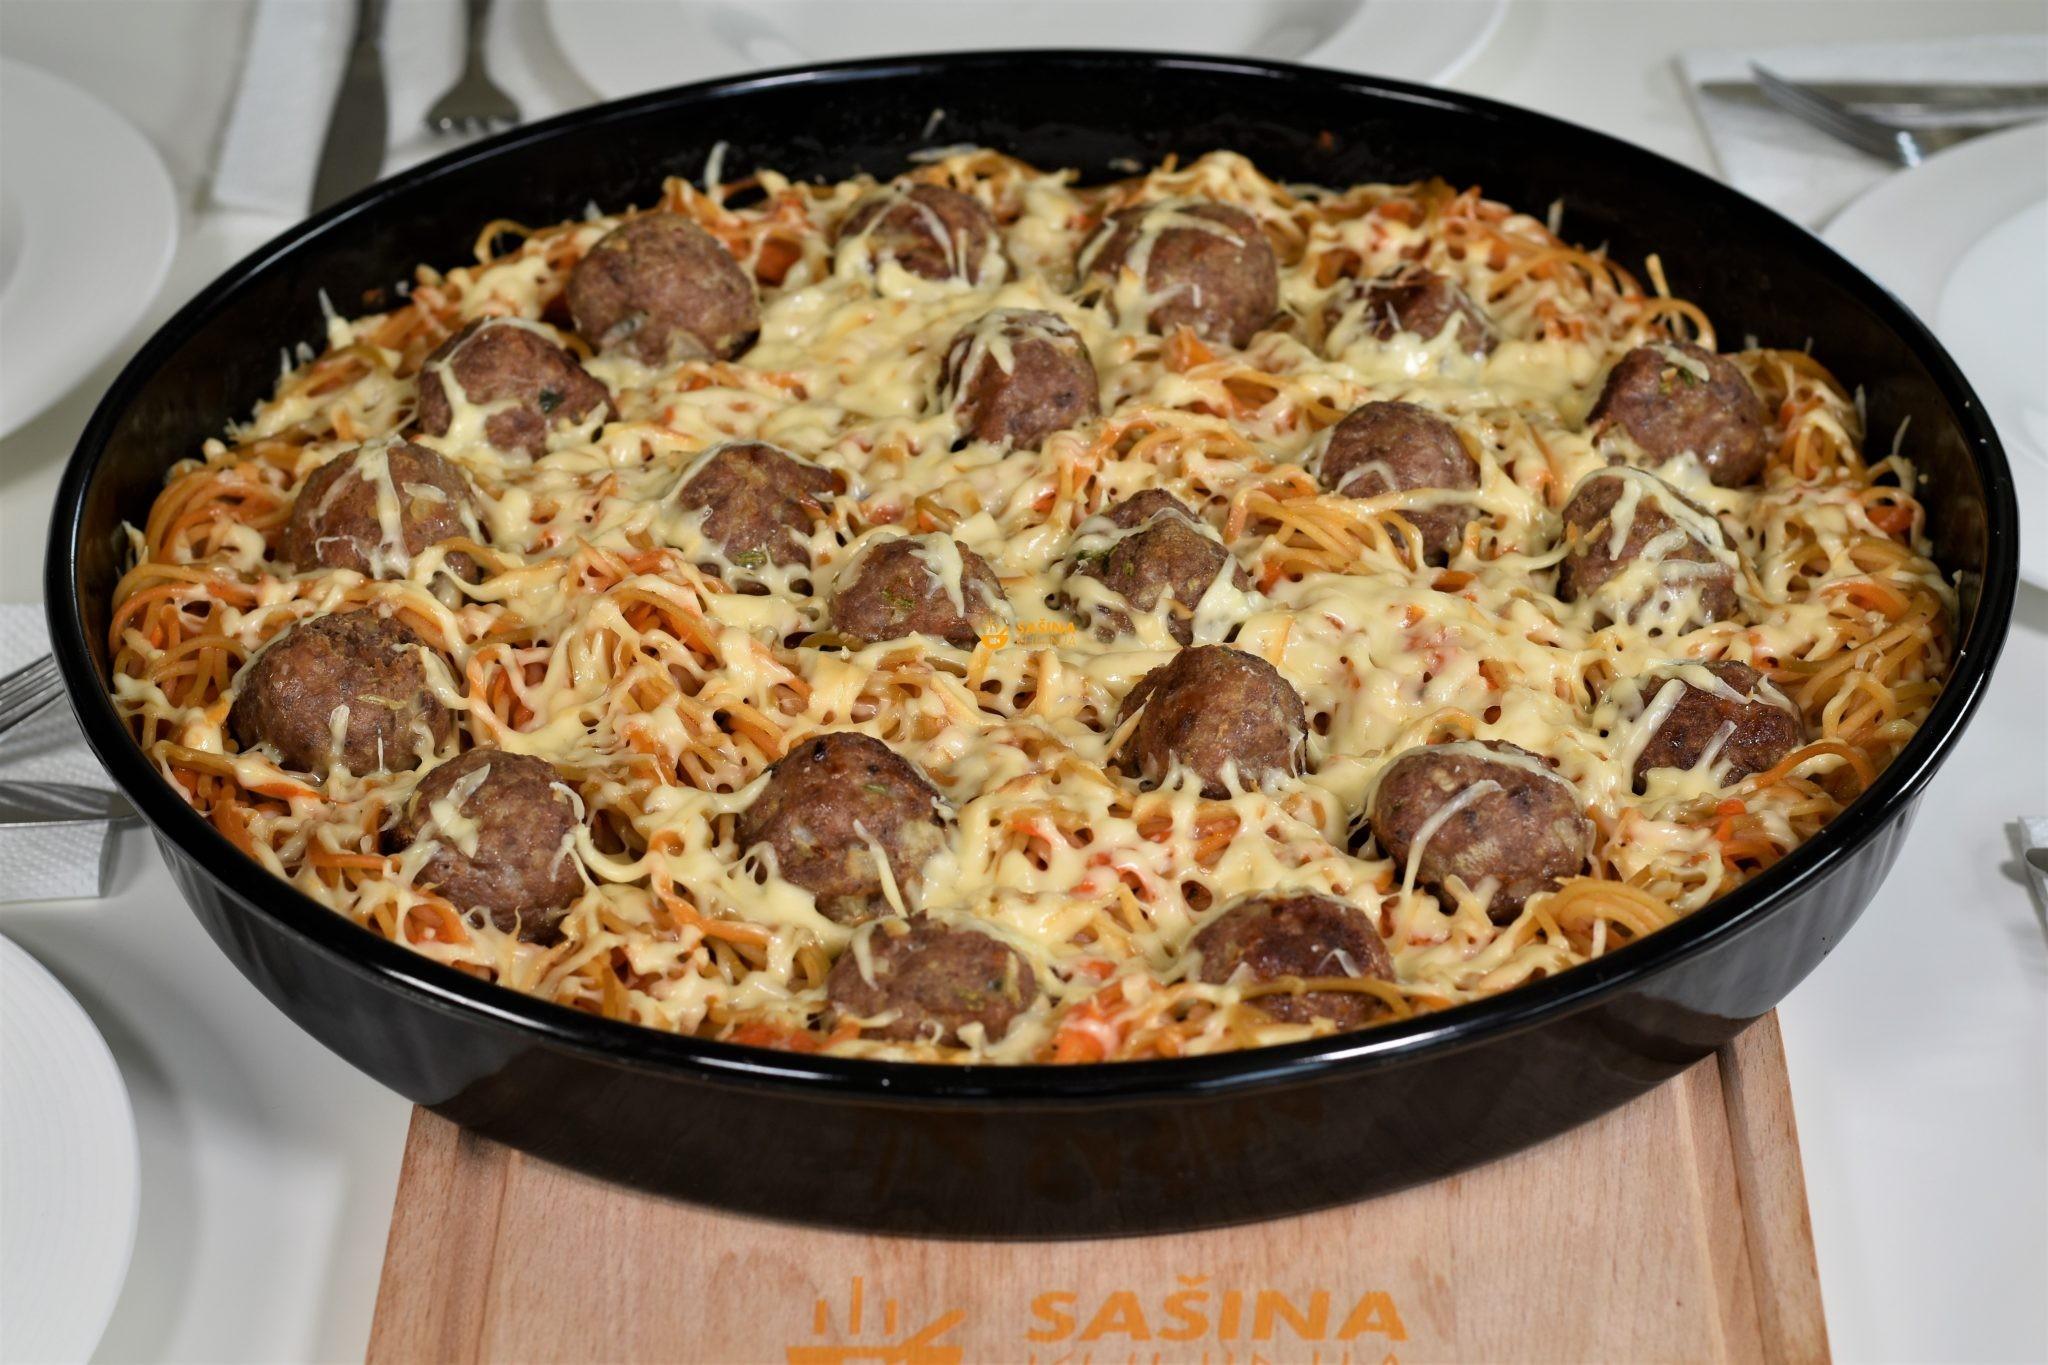 mesne okruglice zapečene  sa tjesteninom